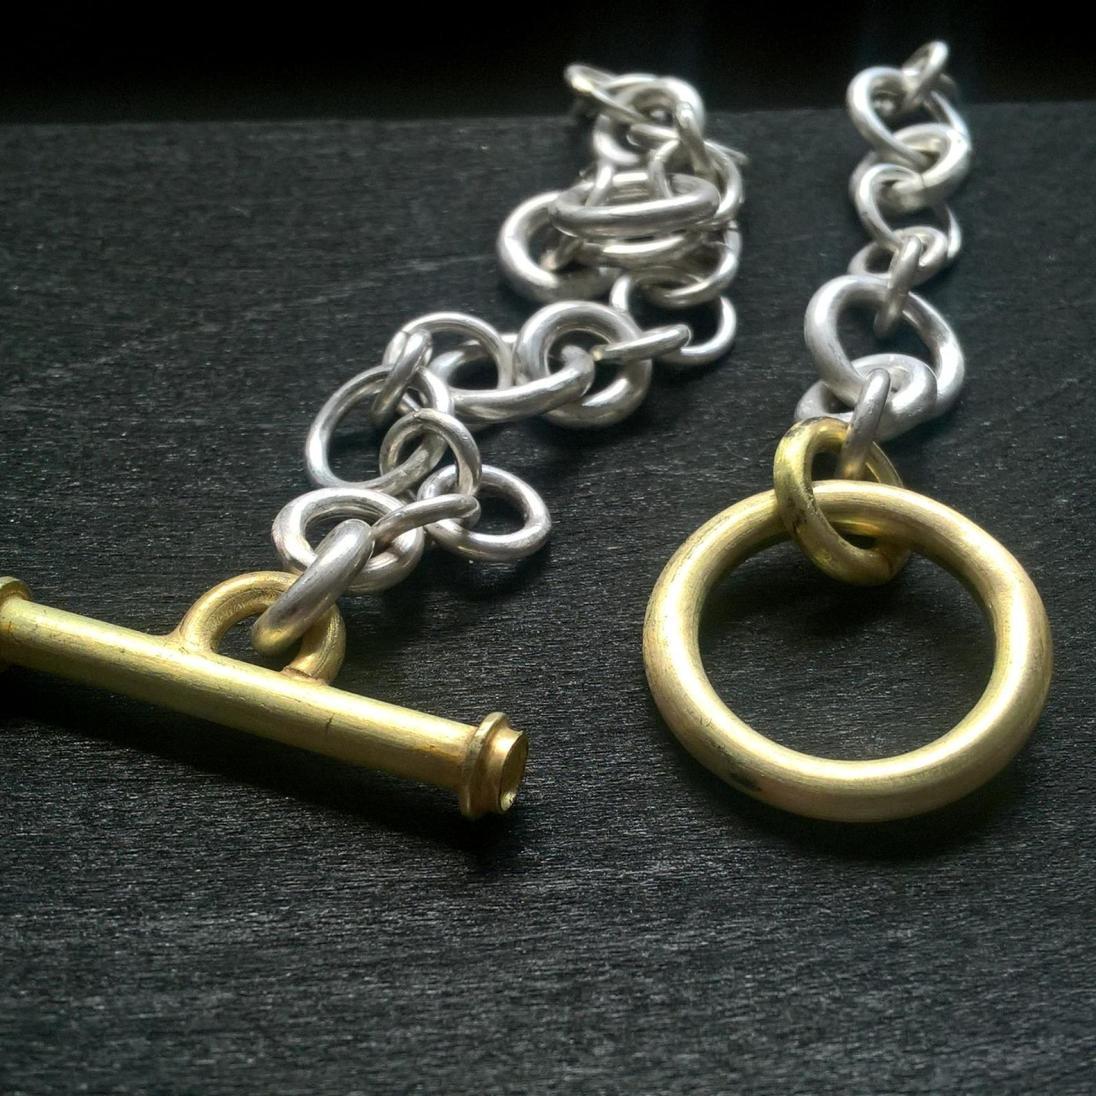 Handgefertigte Silberkette mit Knebelverschluss